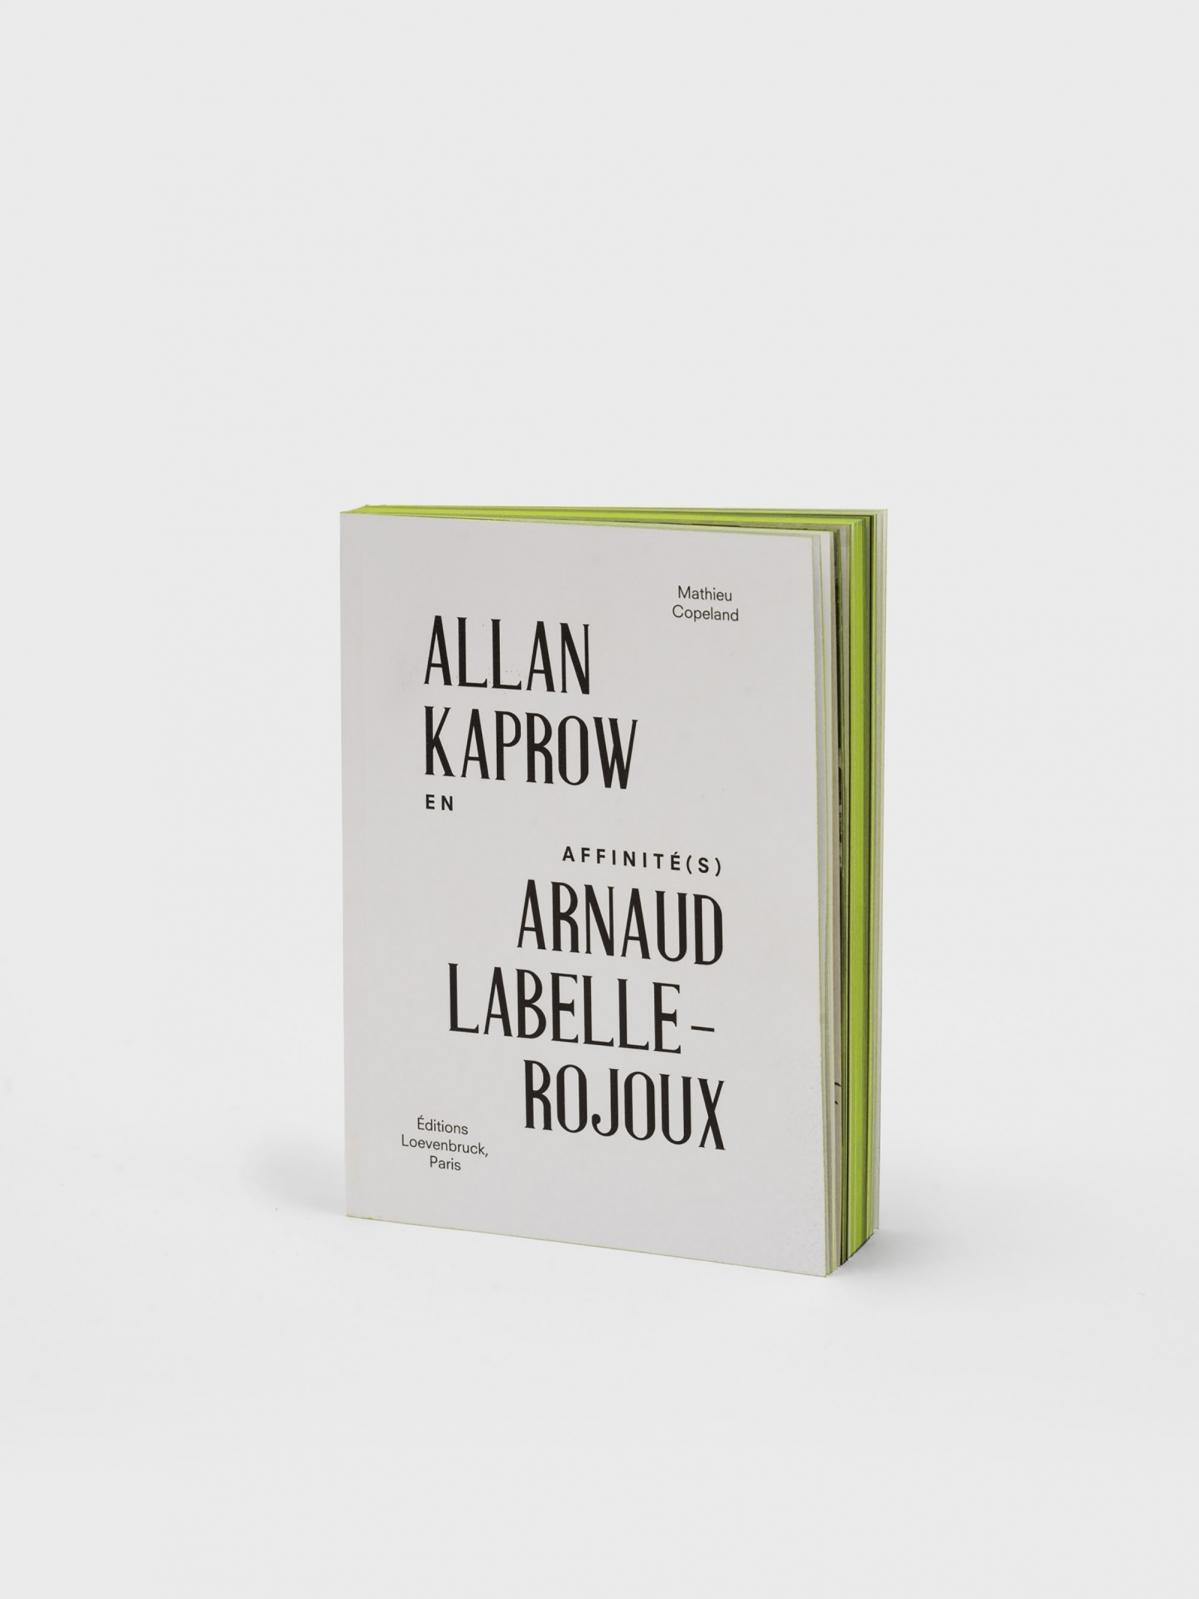 En affinité(s), Allan Kaprow Arnaud Labelle-Rojoux